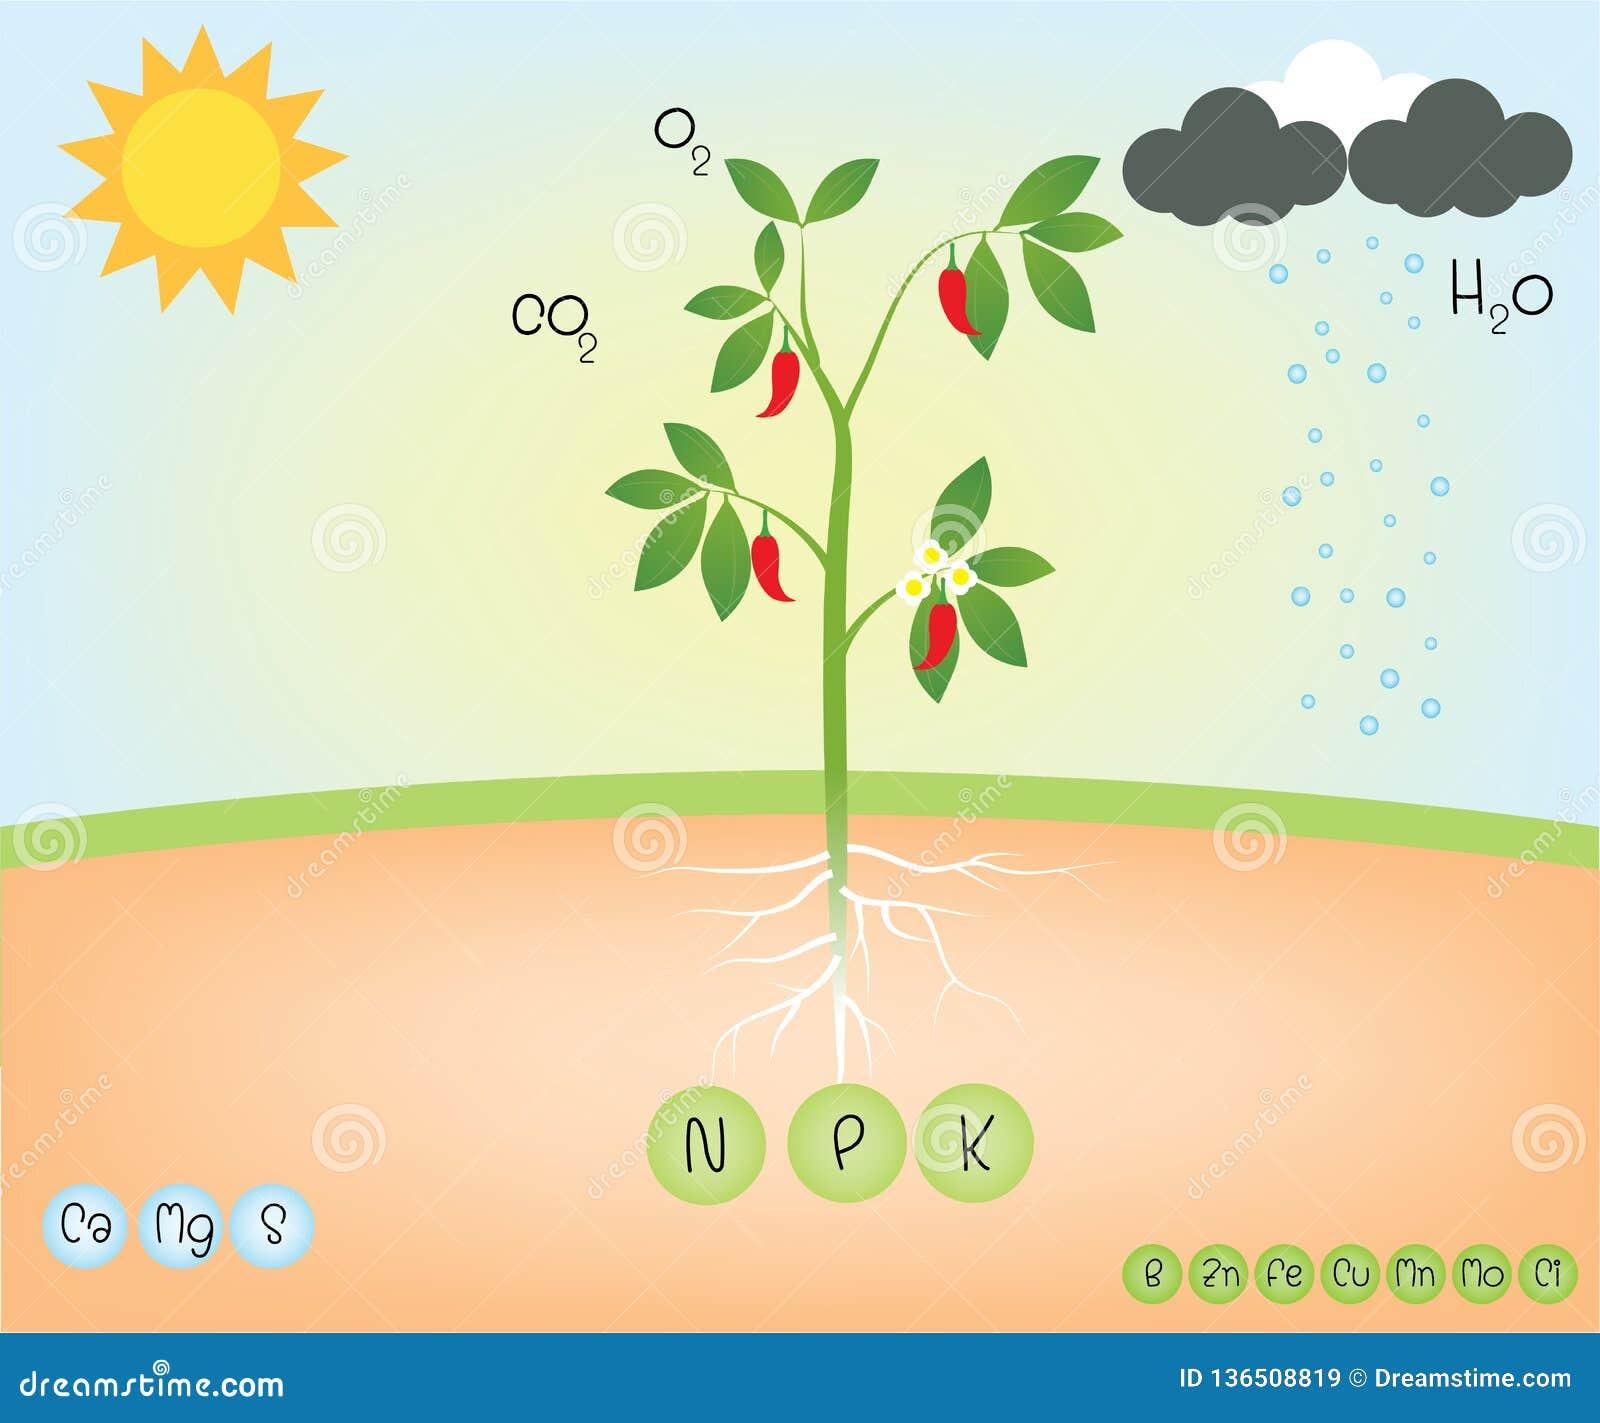 植物的营养素